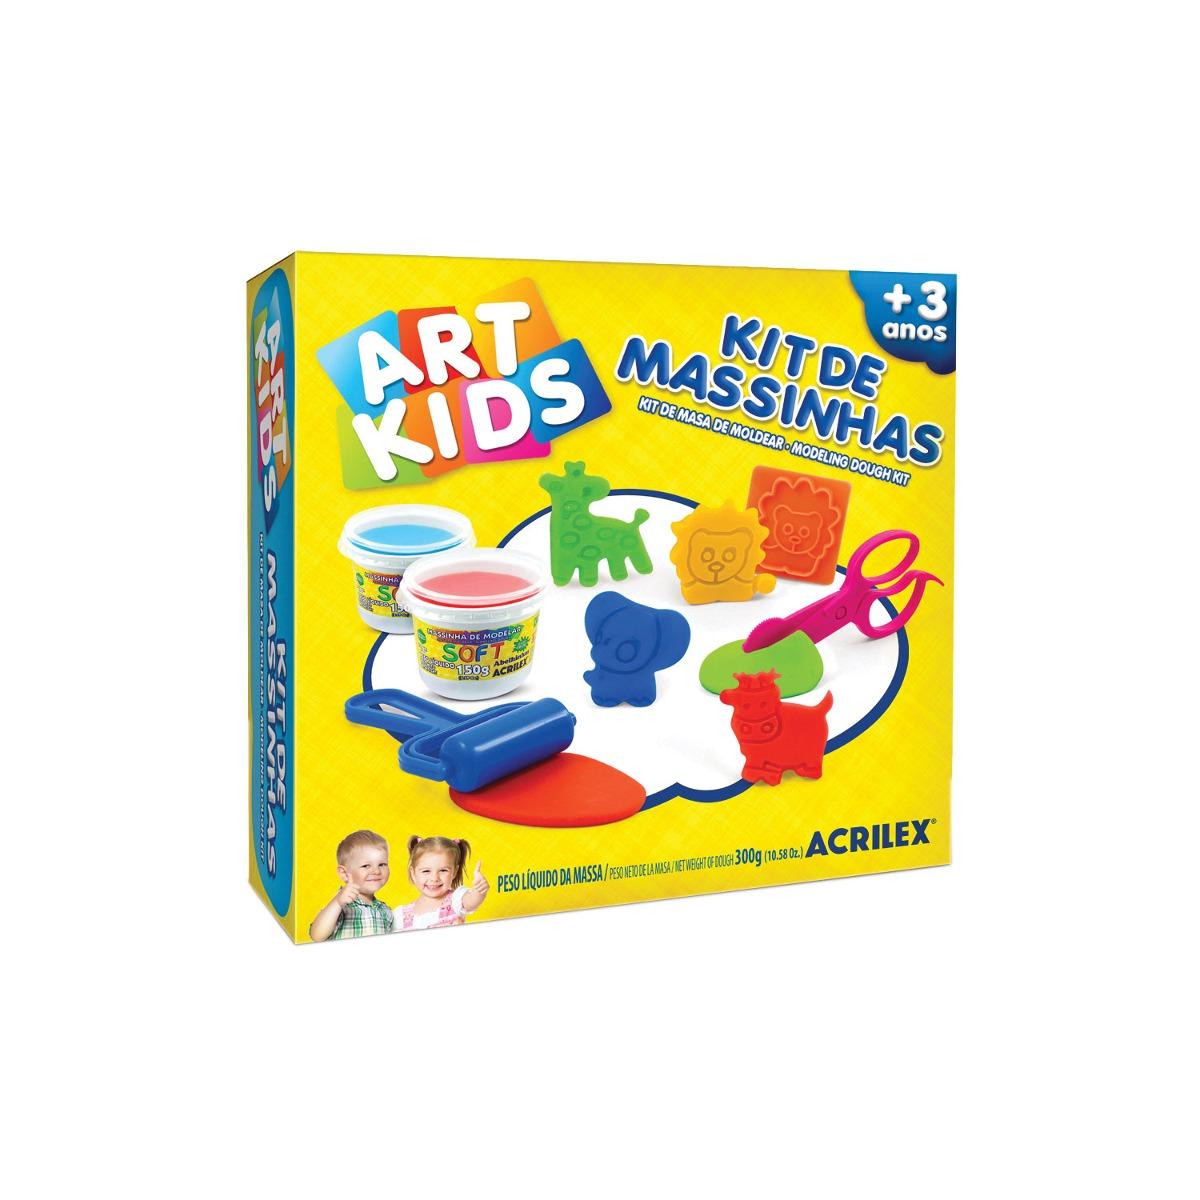 Massinha de Modelar Criativa Art Kids com Moldes ref 40007 Acrilex